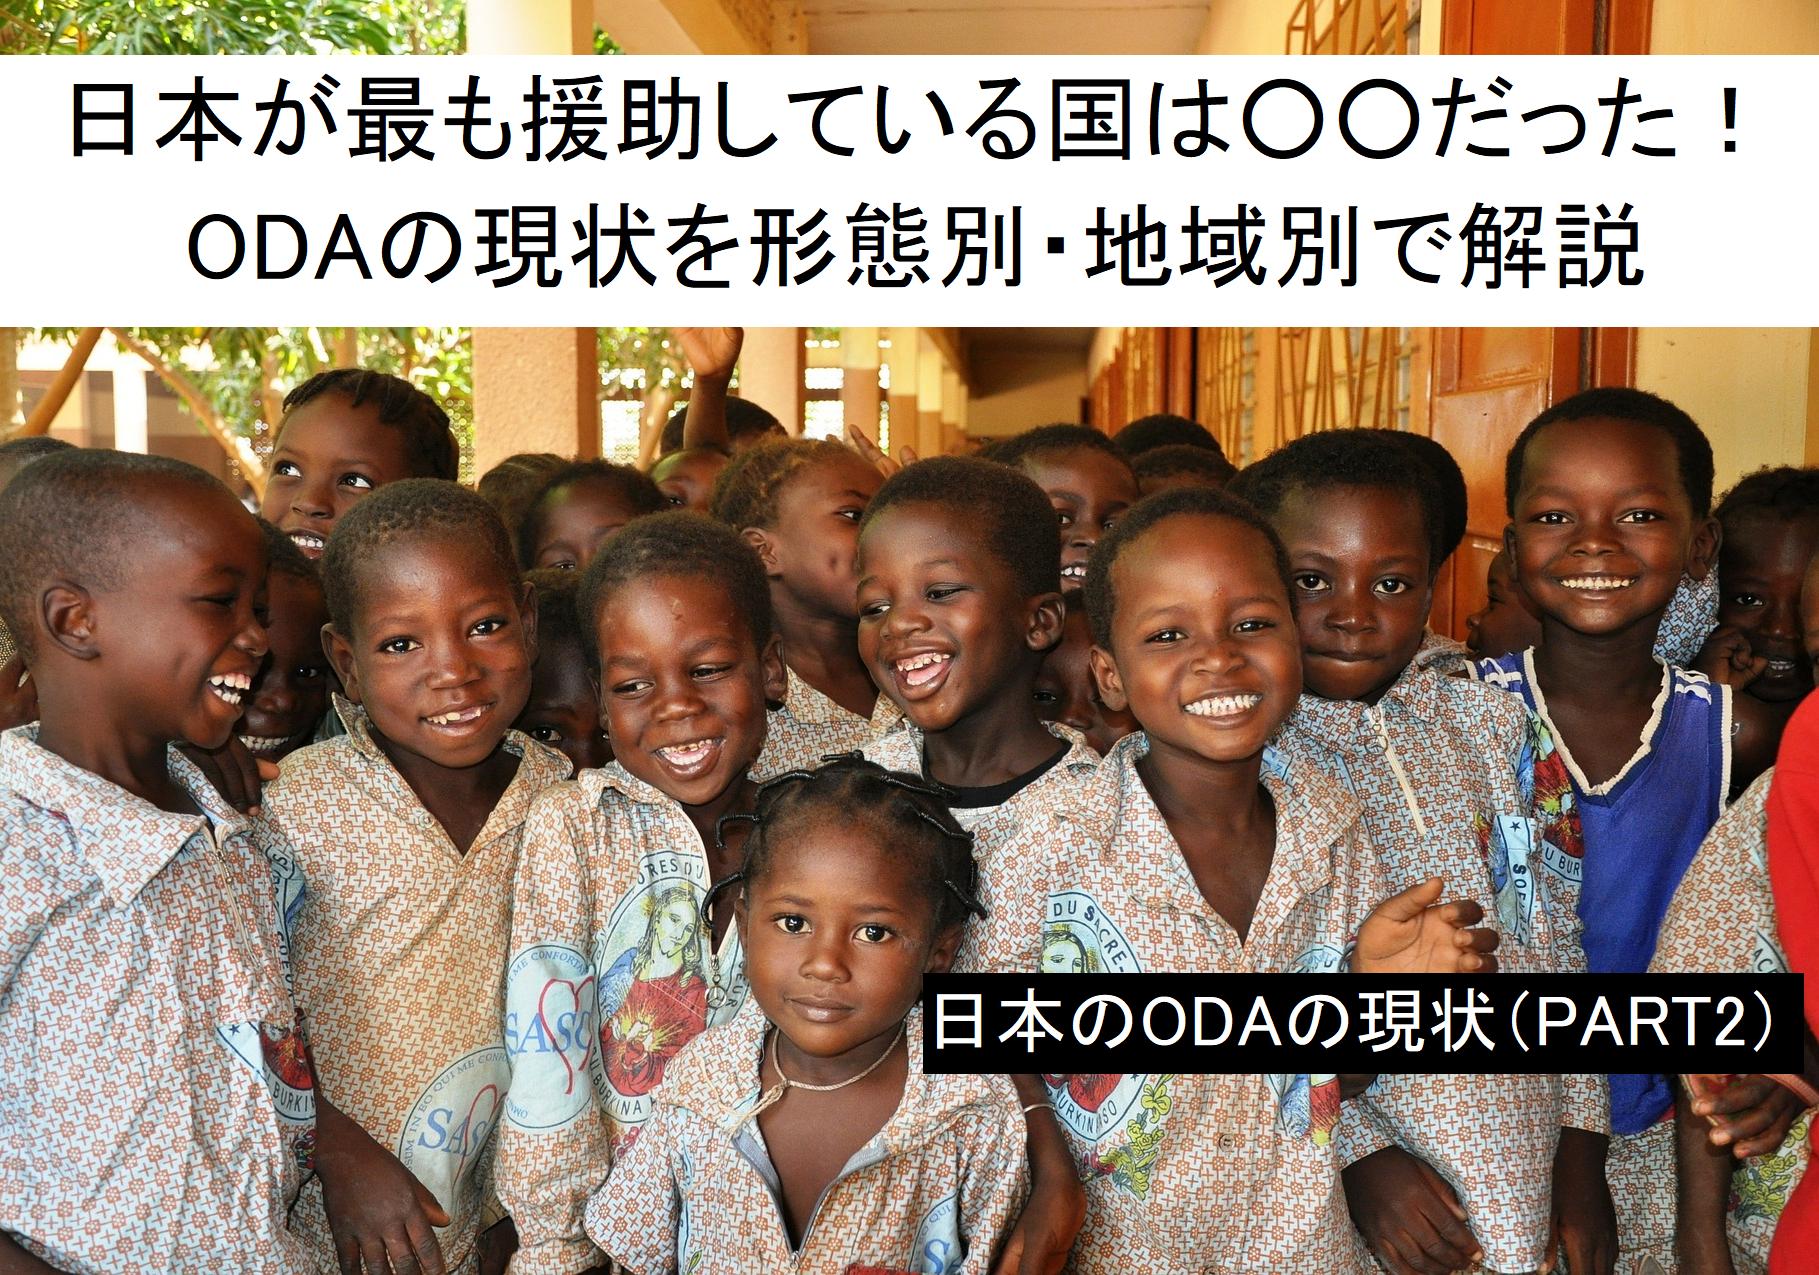 【4分で分かる】日本が最もODAで支援している国は○○!形態別・地域別で解説(日本のODAの現状PART2)